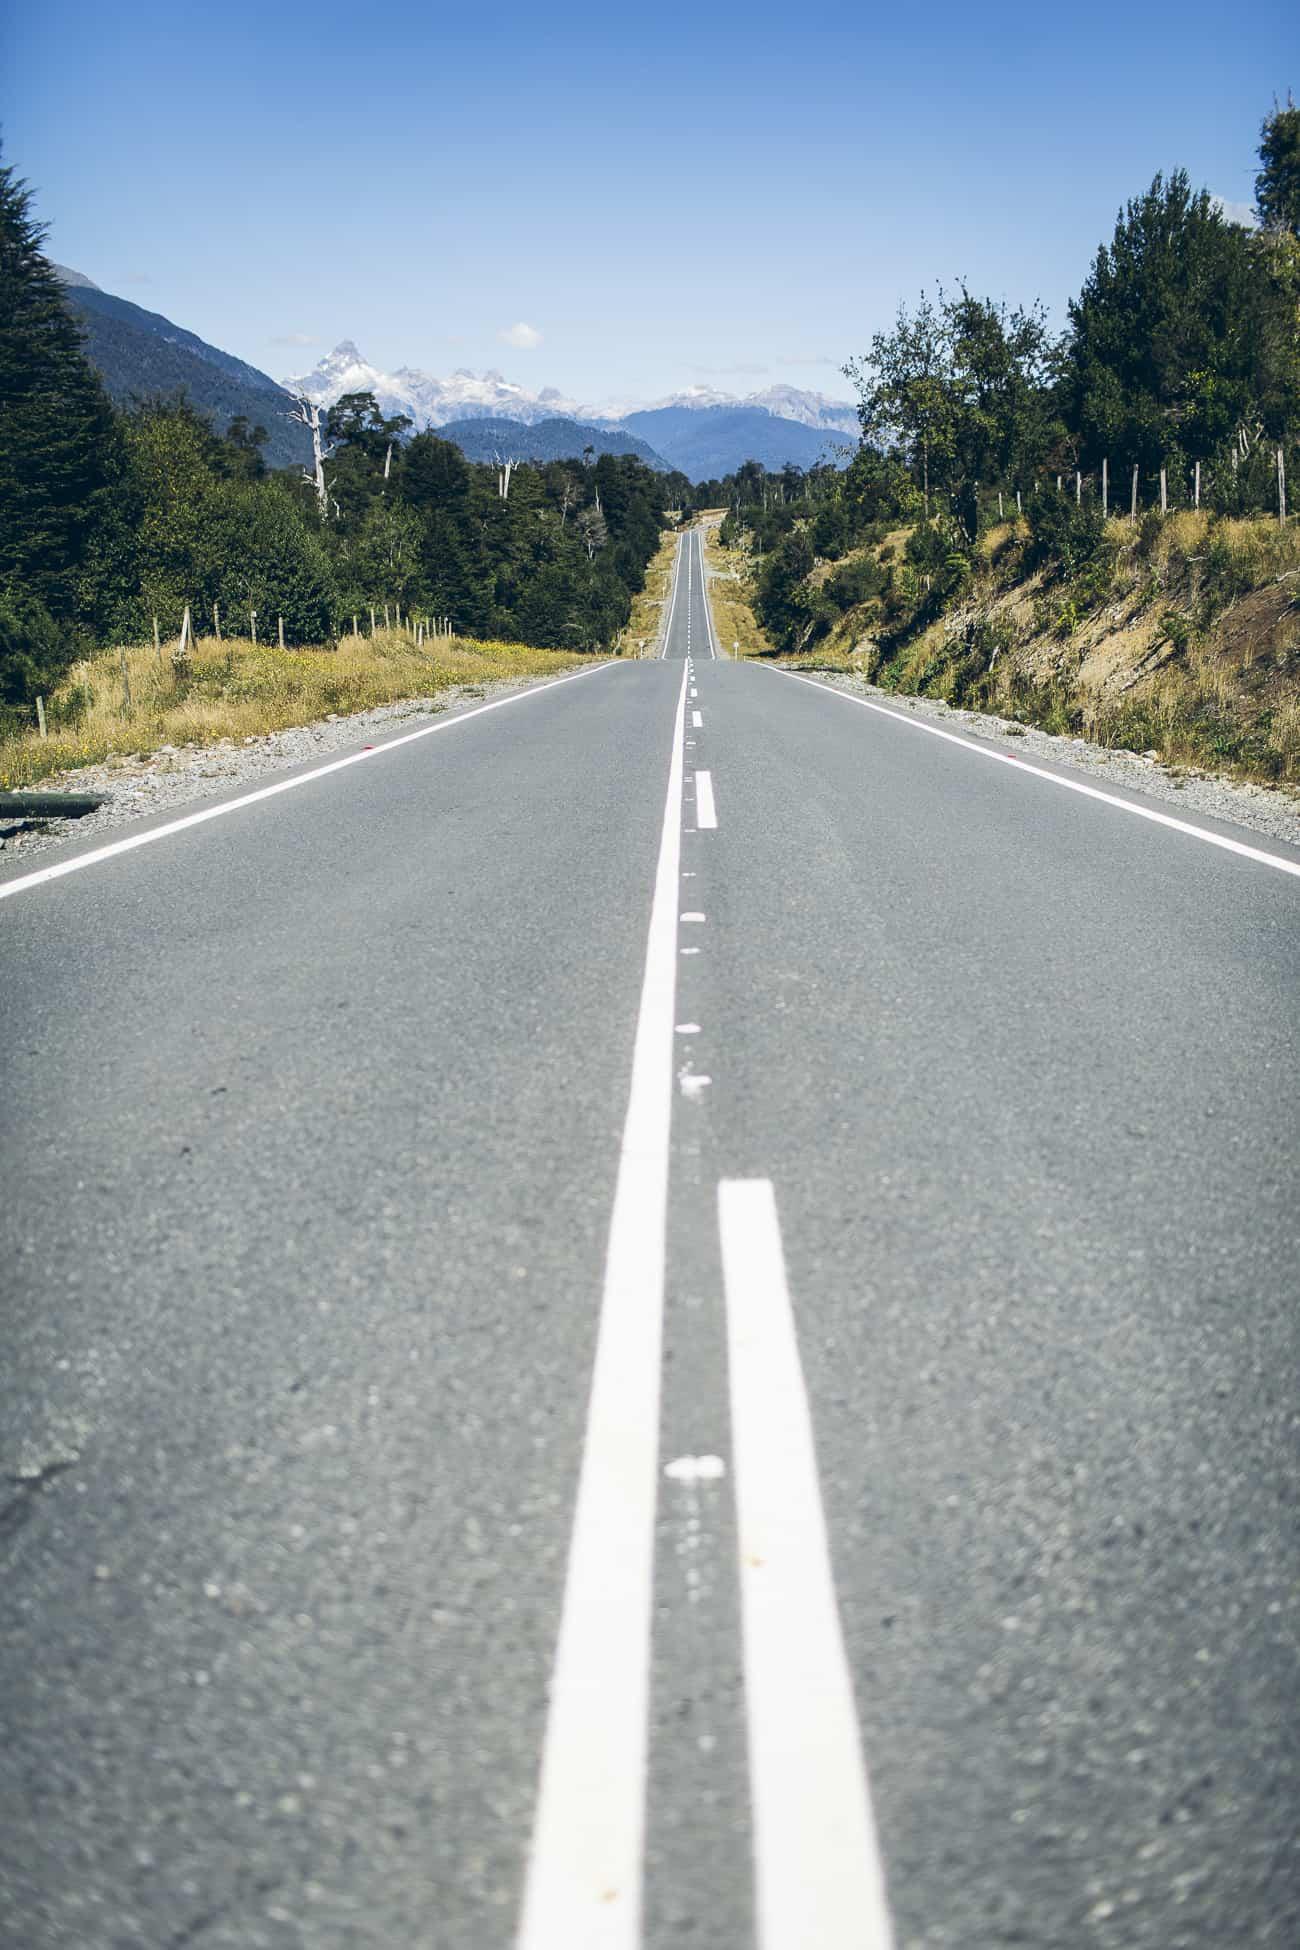 d2g_expoportal_carreteraaustral-28